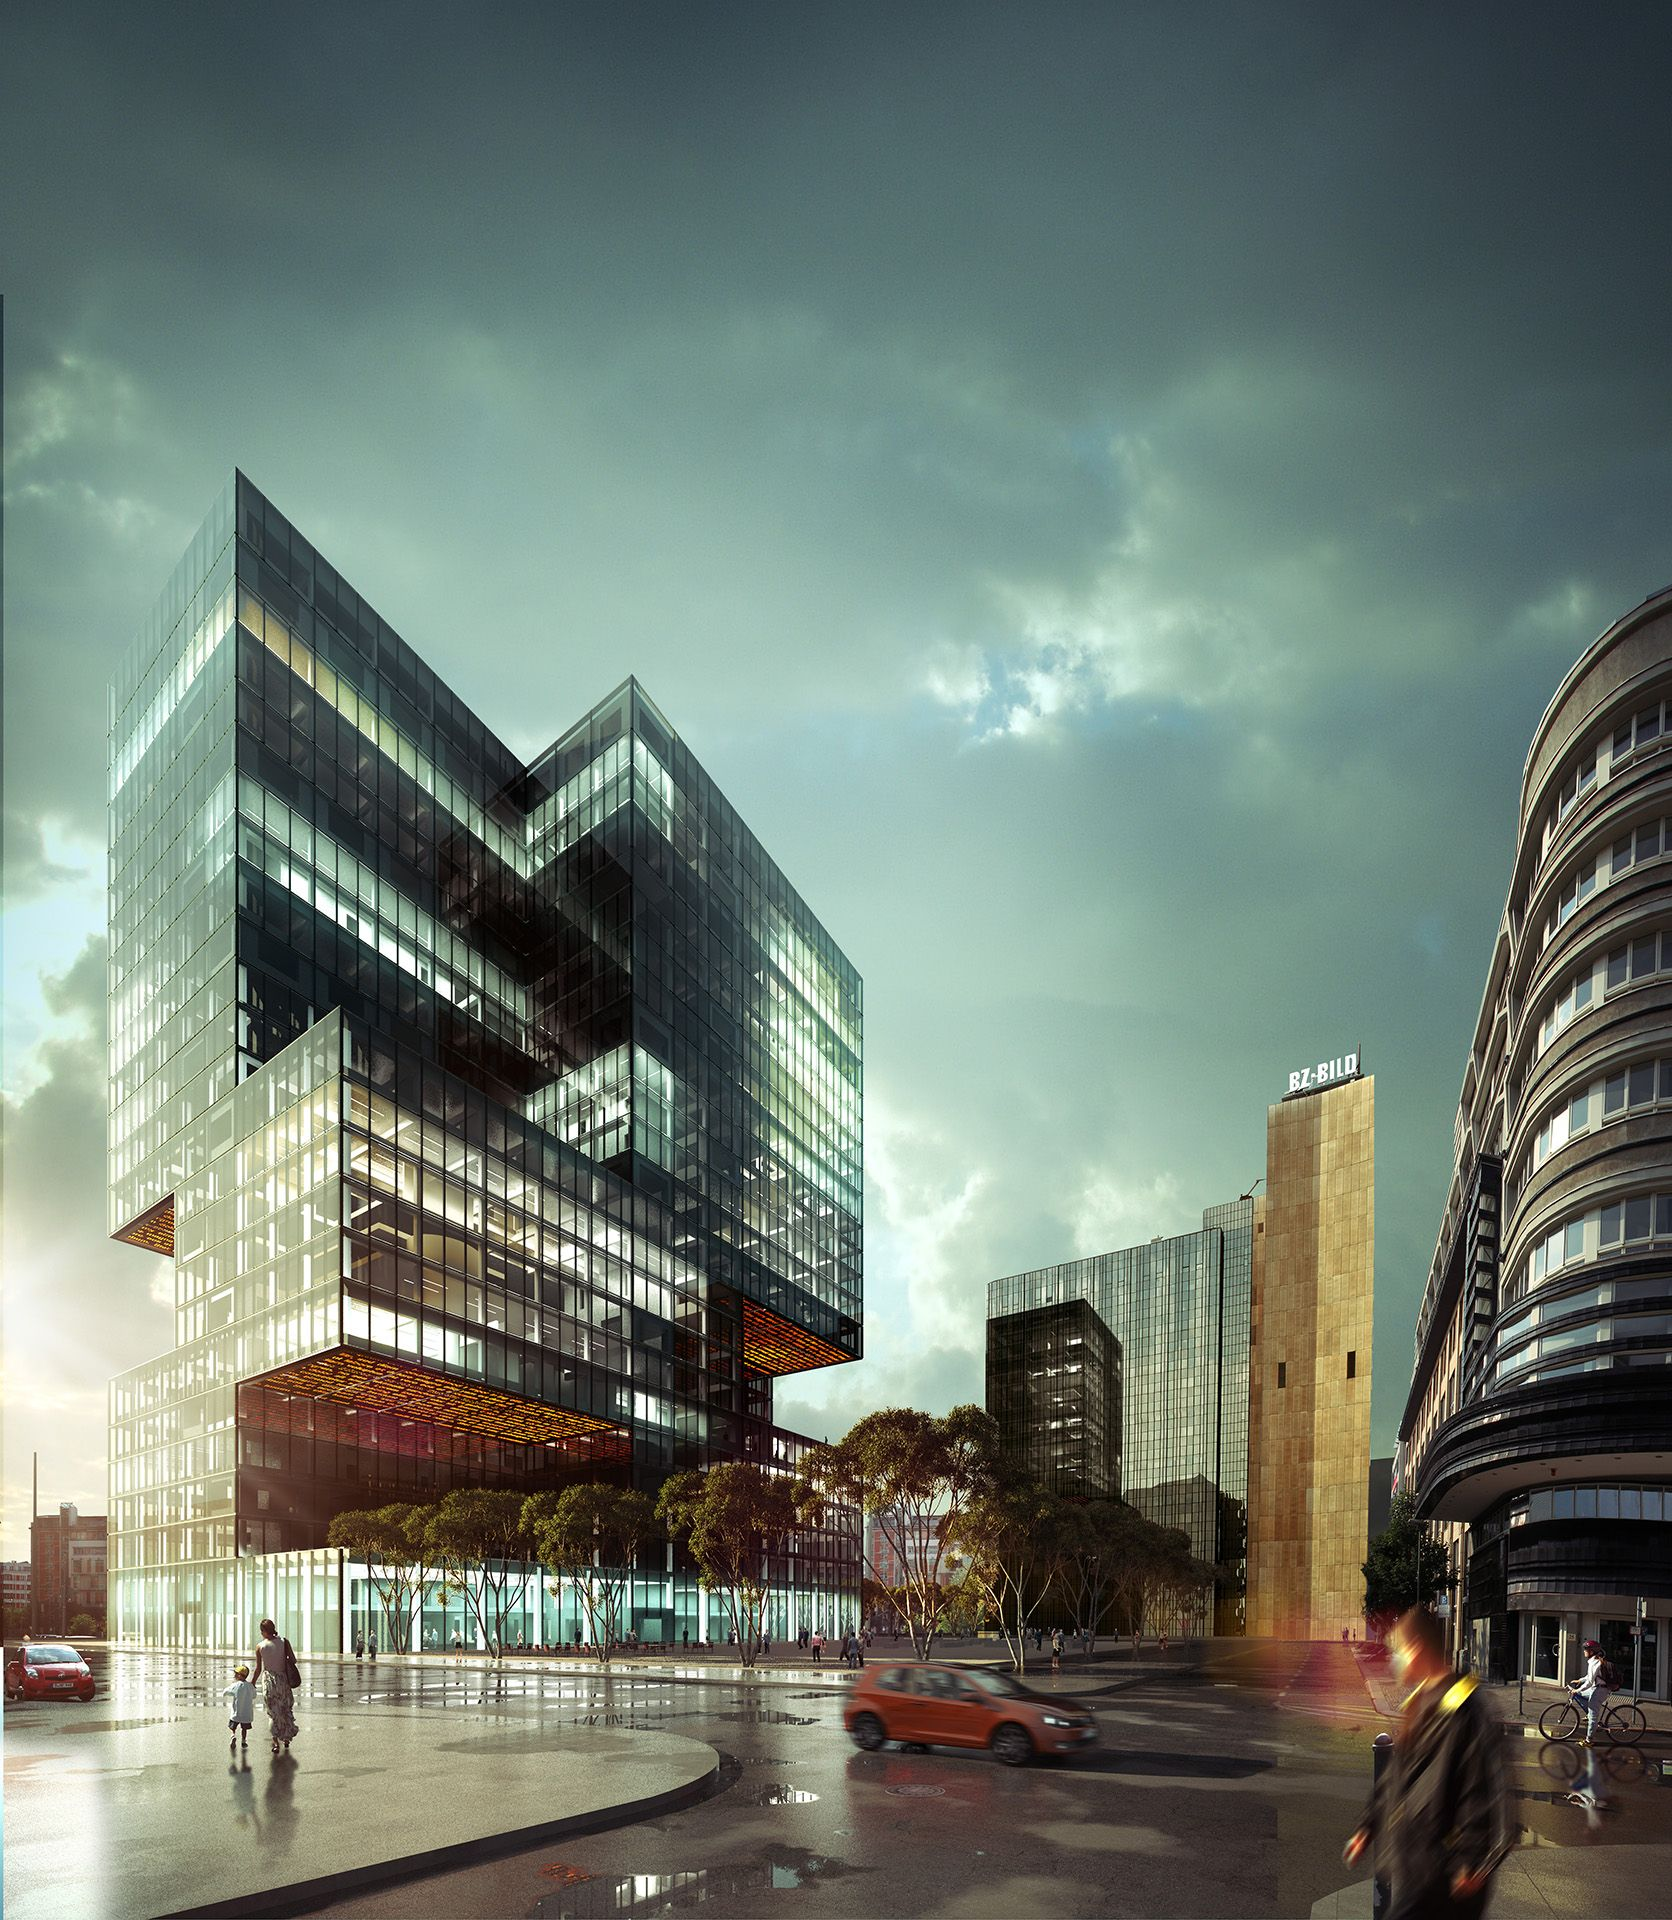 Axel springer verlag wettbewerbsvisualisierung - Architekturvisualisierung berlin ...